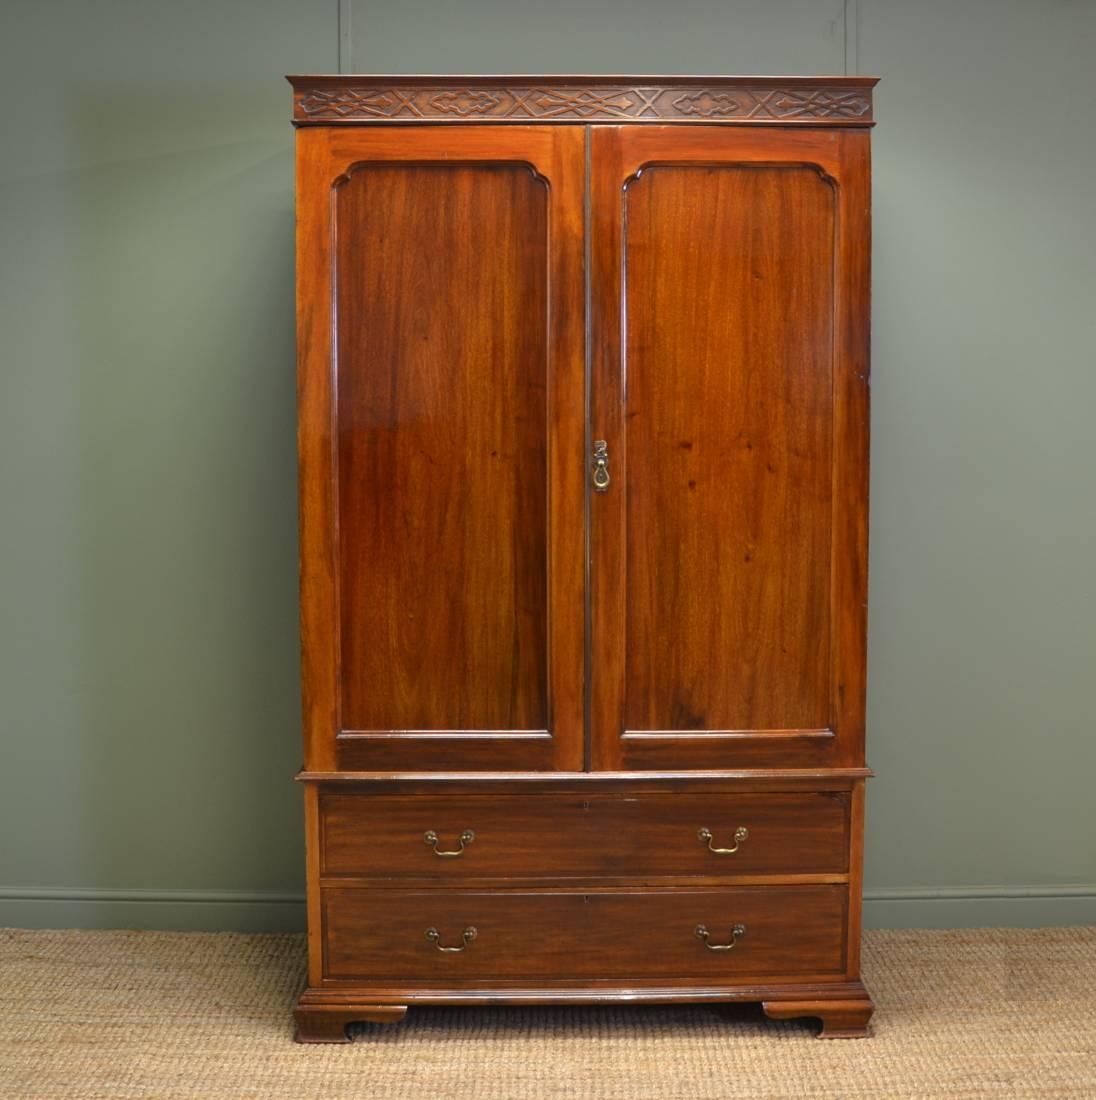 Waring and Gillows Antique Mahogany Double Wardrobe